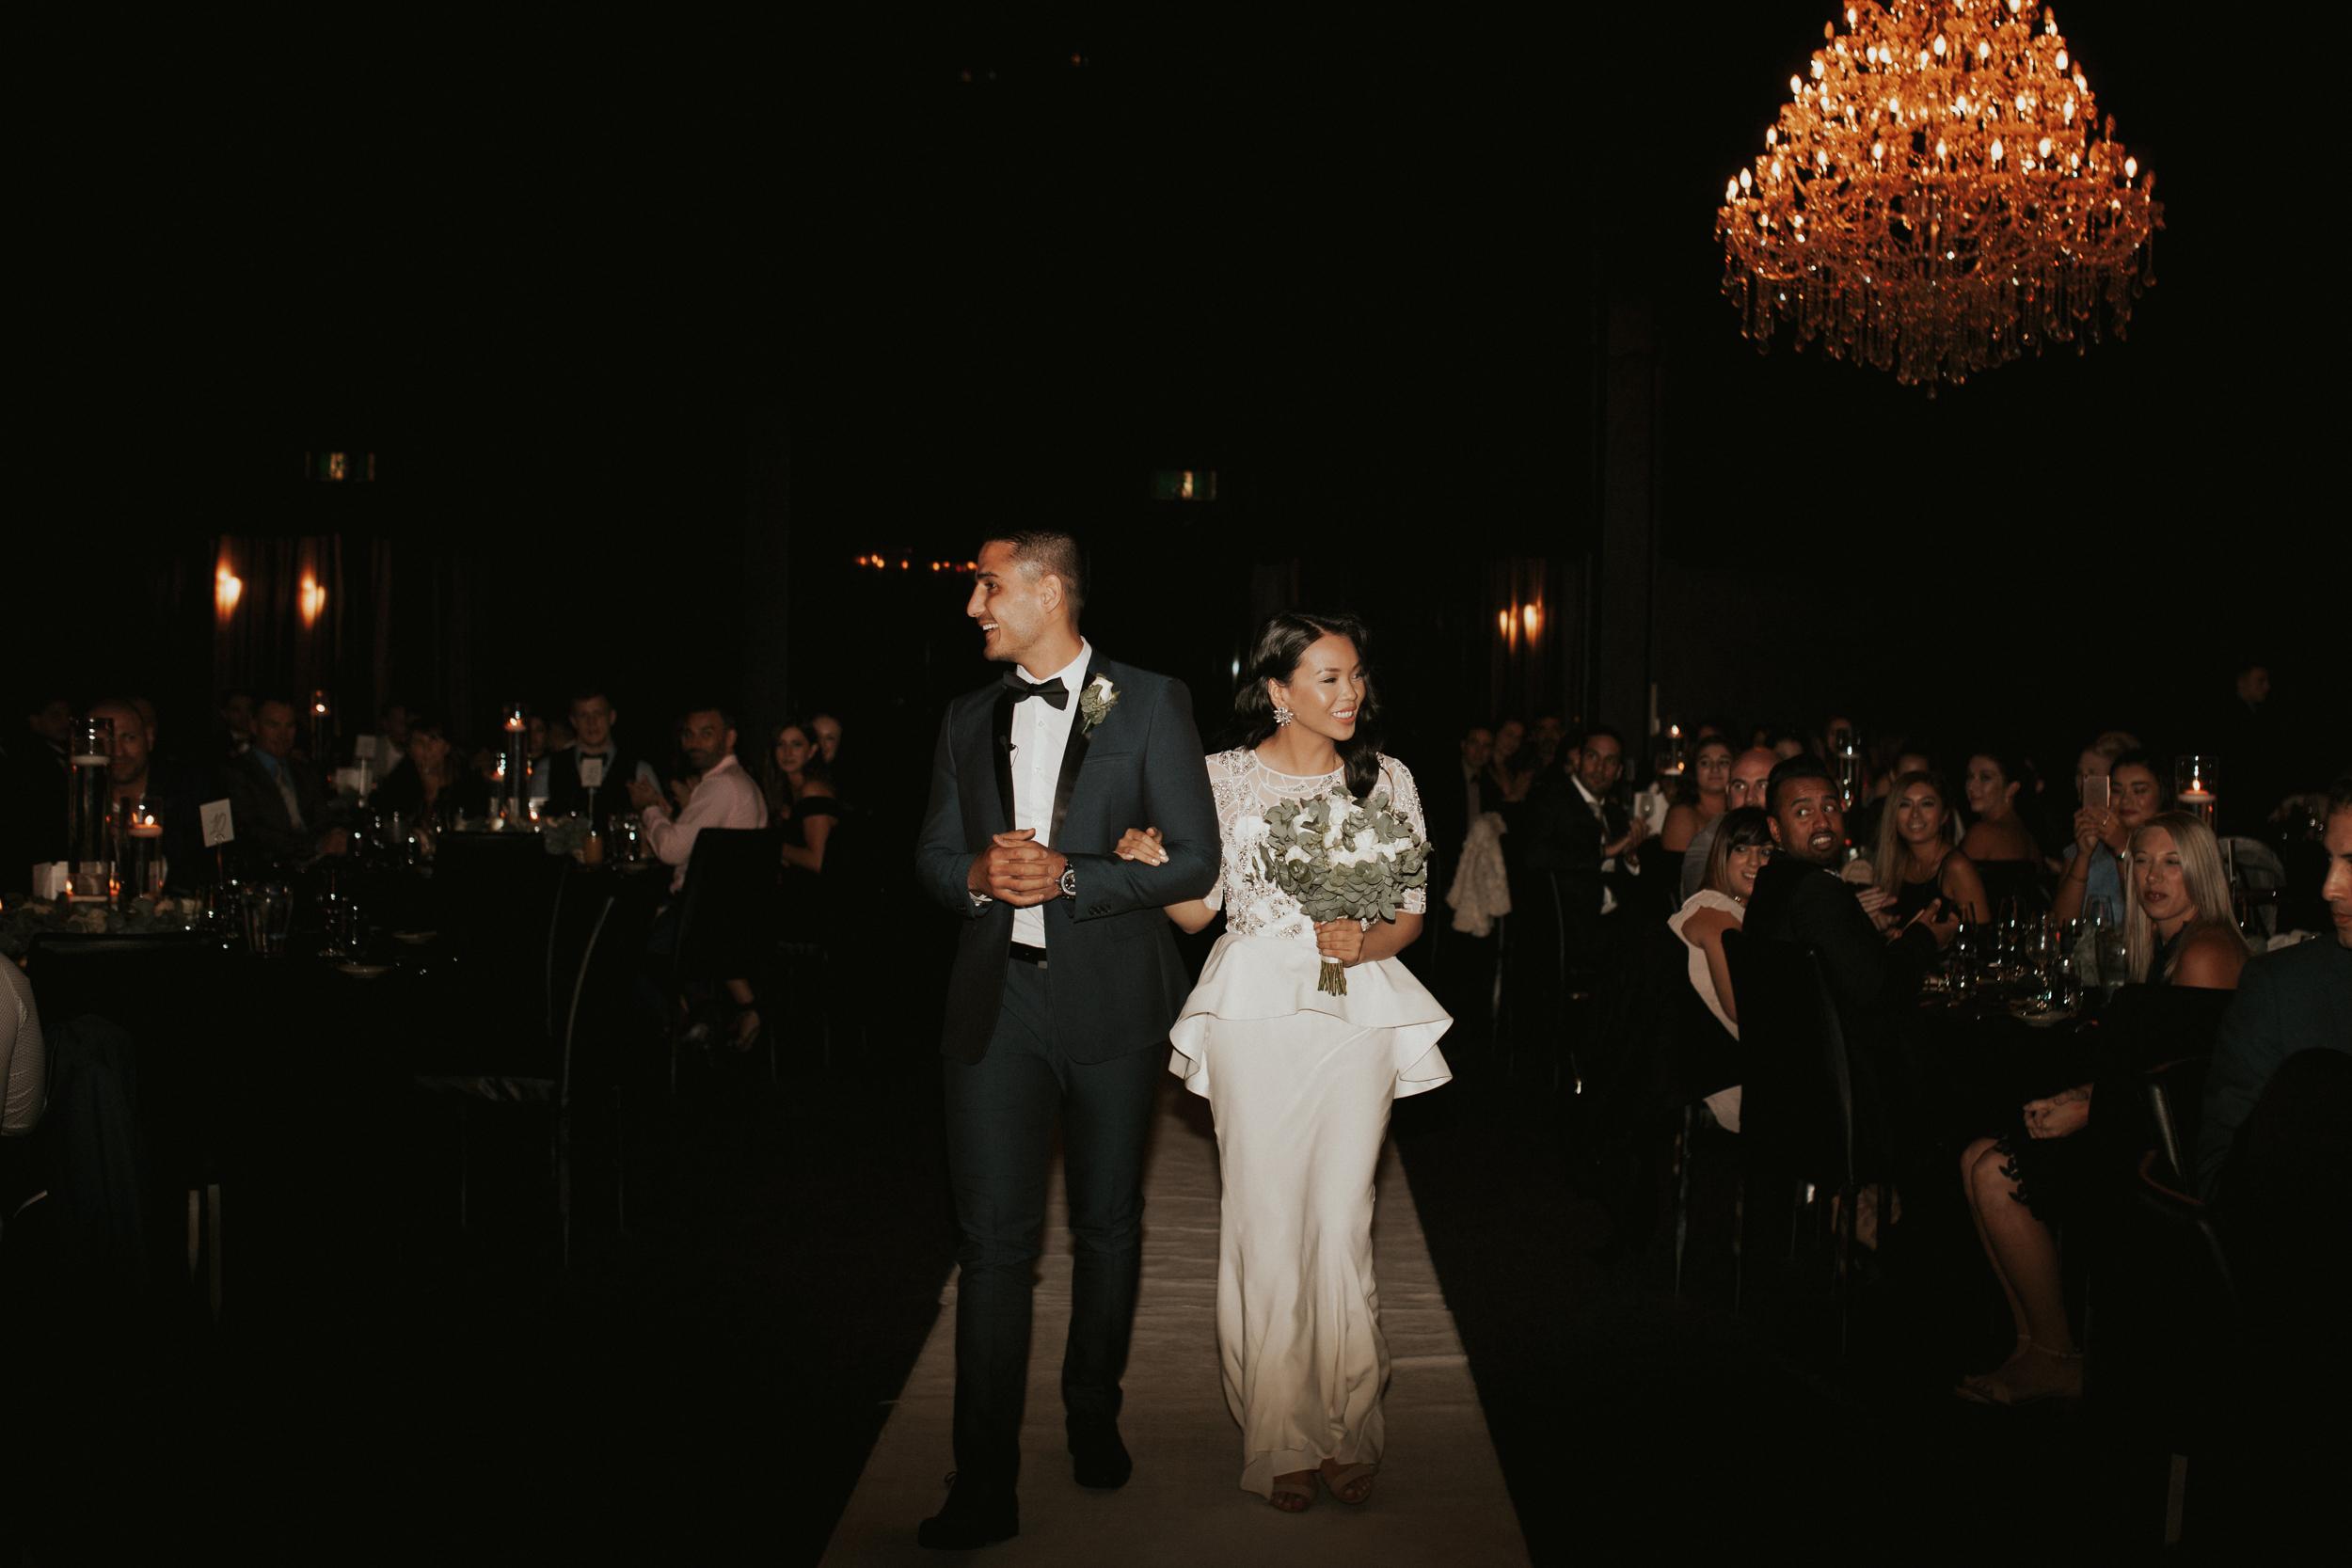 Melbourne-Fitzroy-Treasury-Gardens-wedding-EmotionsandMath-098.jpg